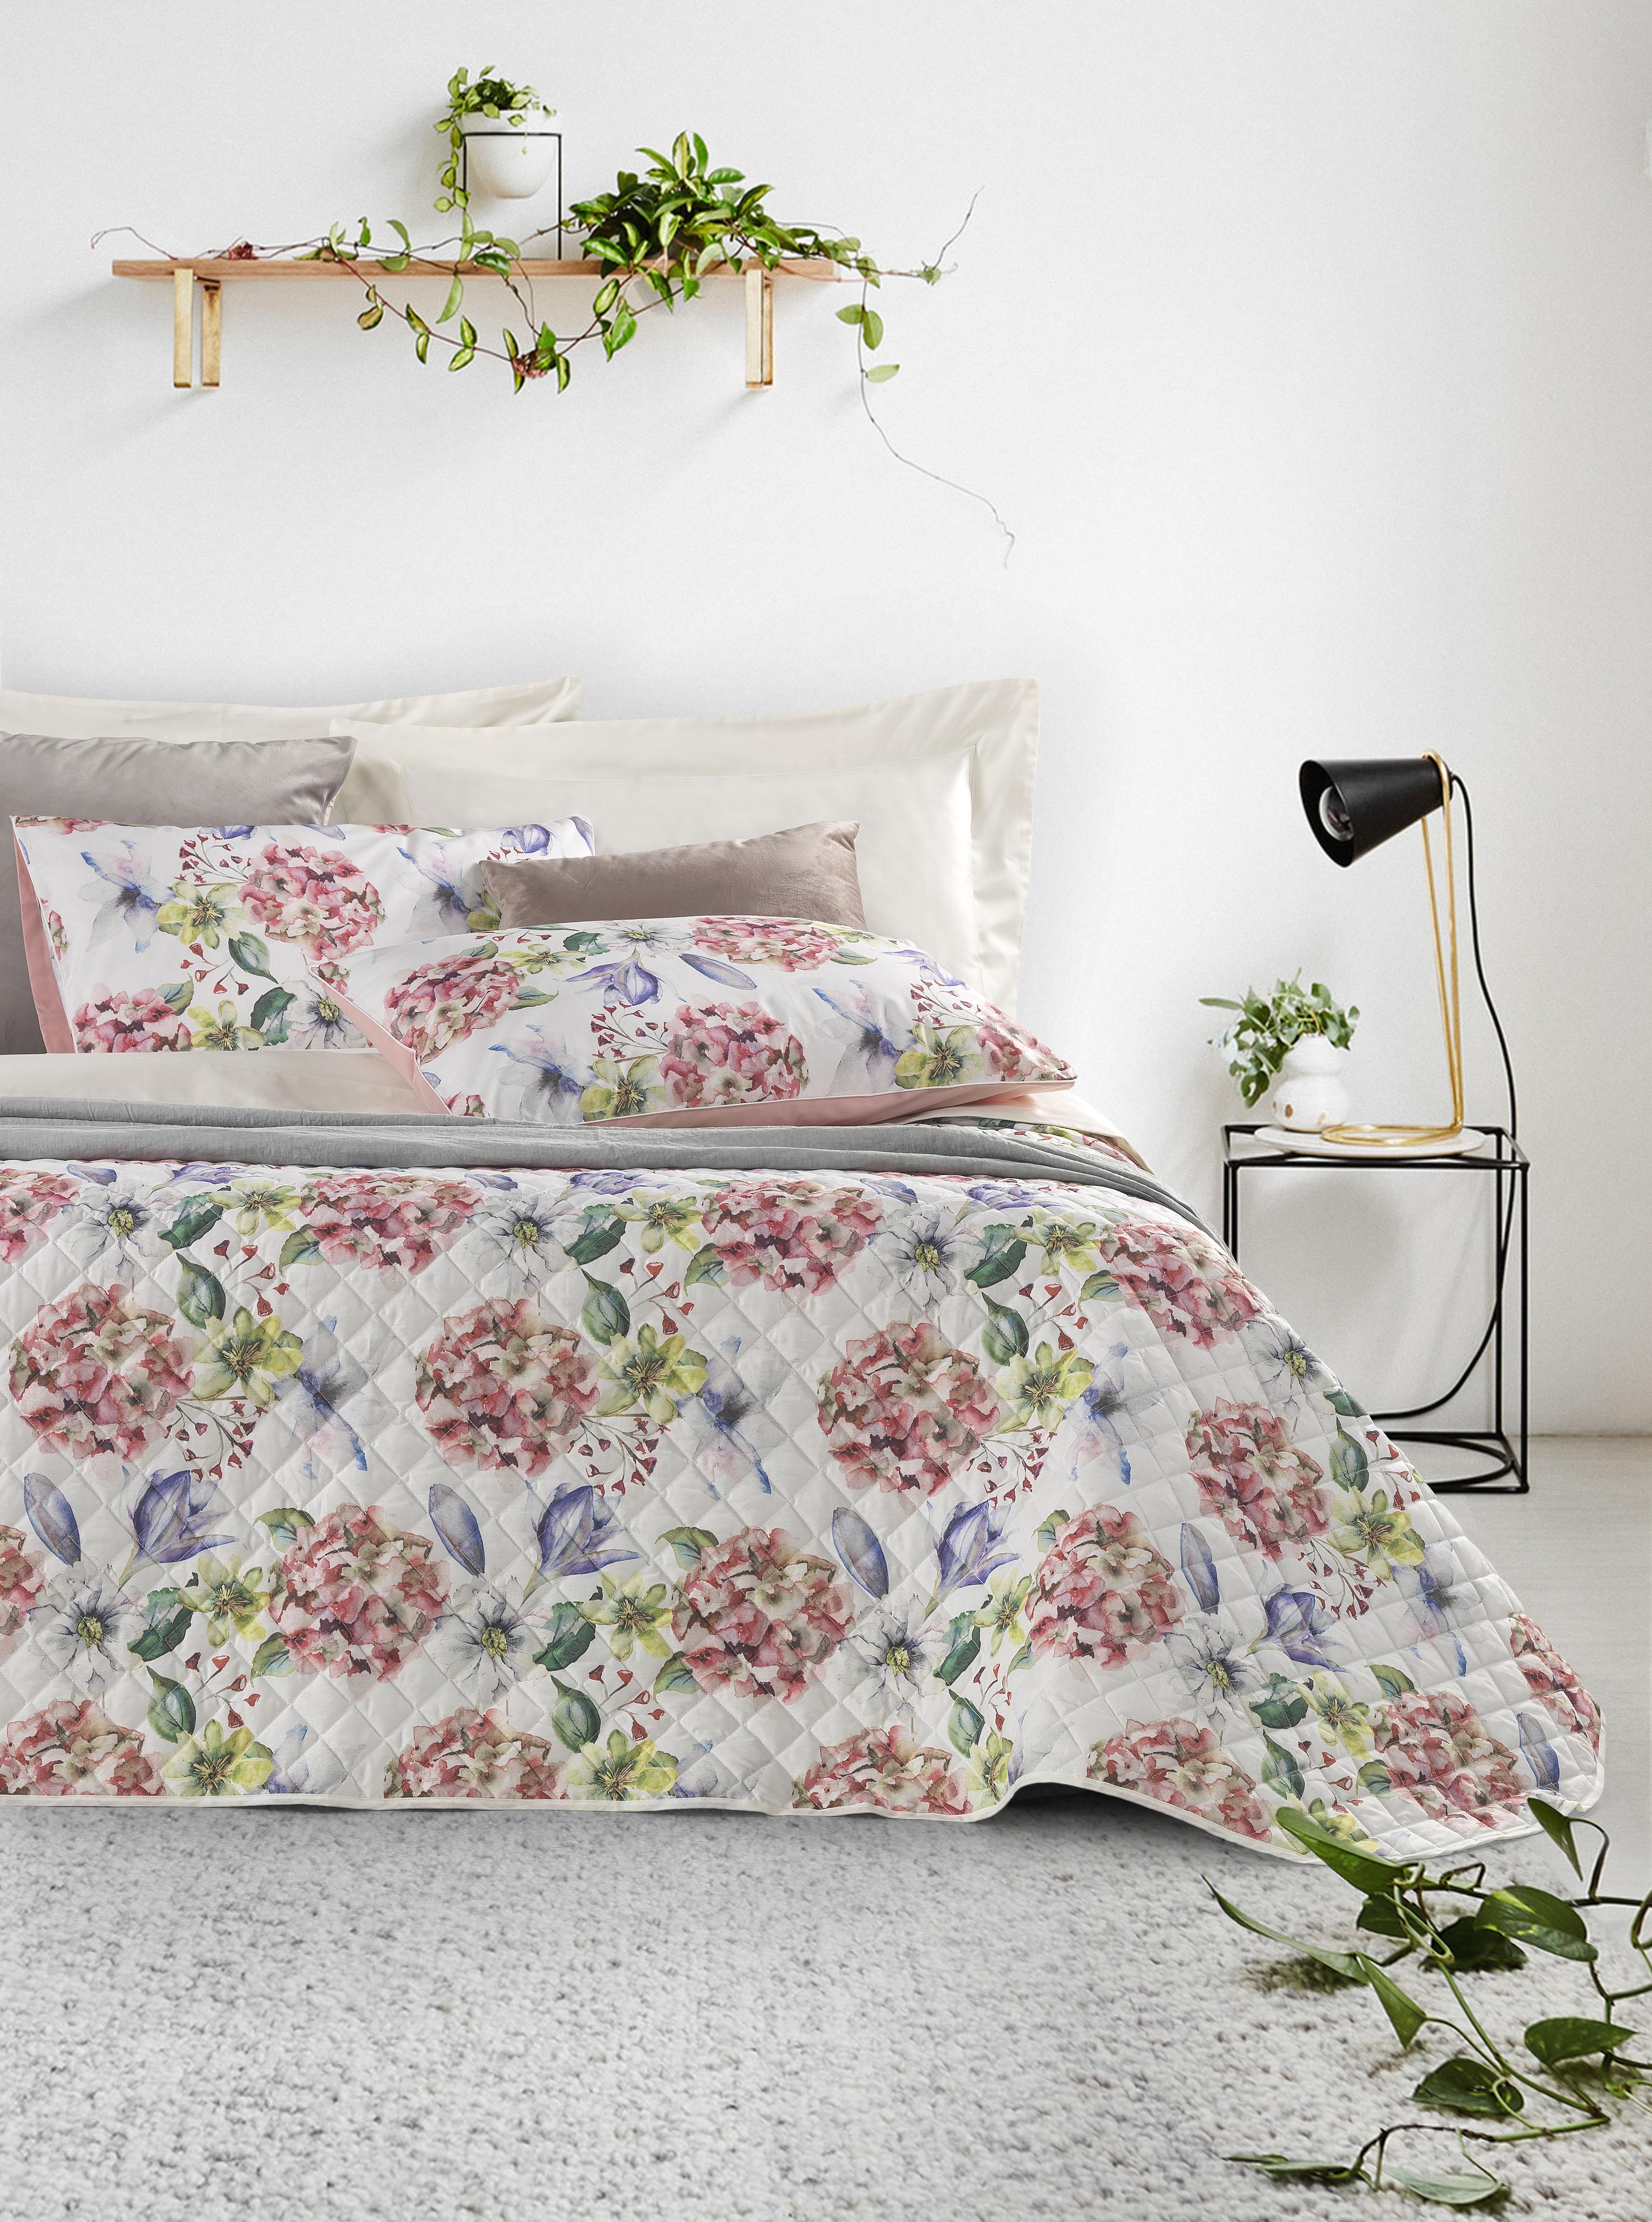 Copriletto Estivo Matrimoniale 270x270 cm in 100% cotone con stampa digitale Elegante trapuntino realizzato 100% Made in Italy | Ortensia